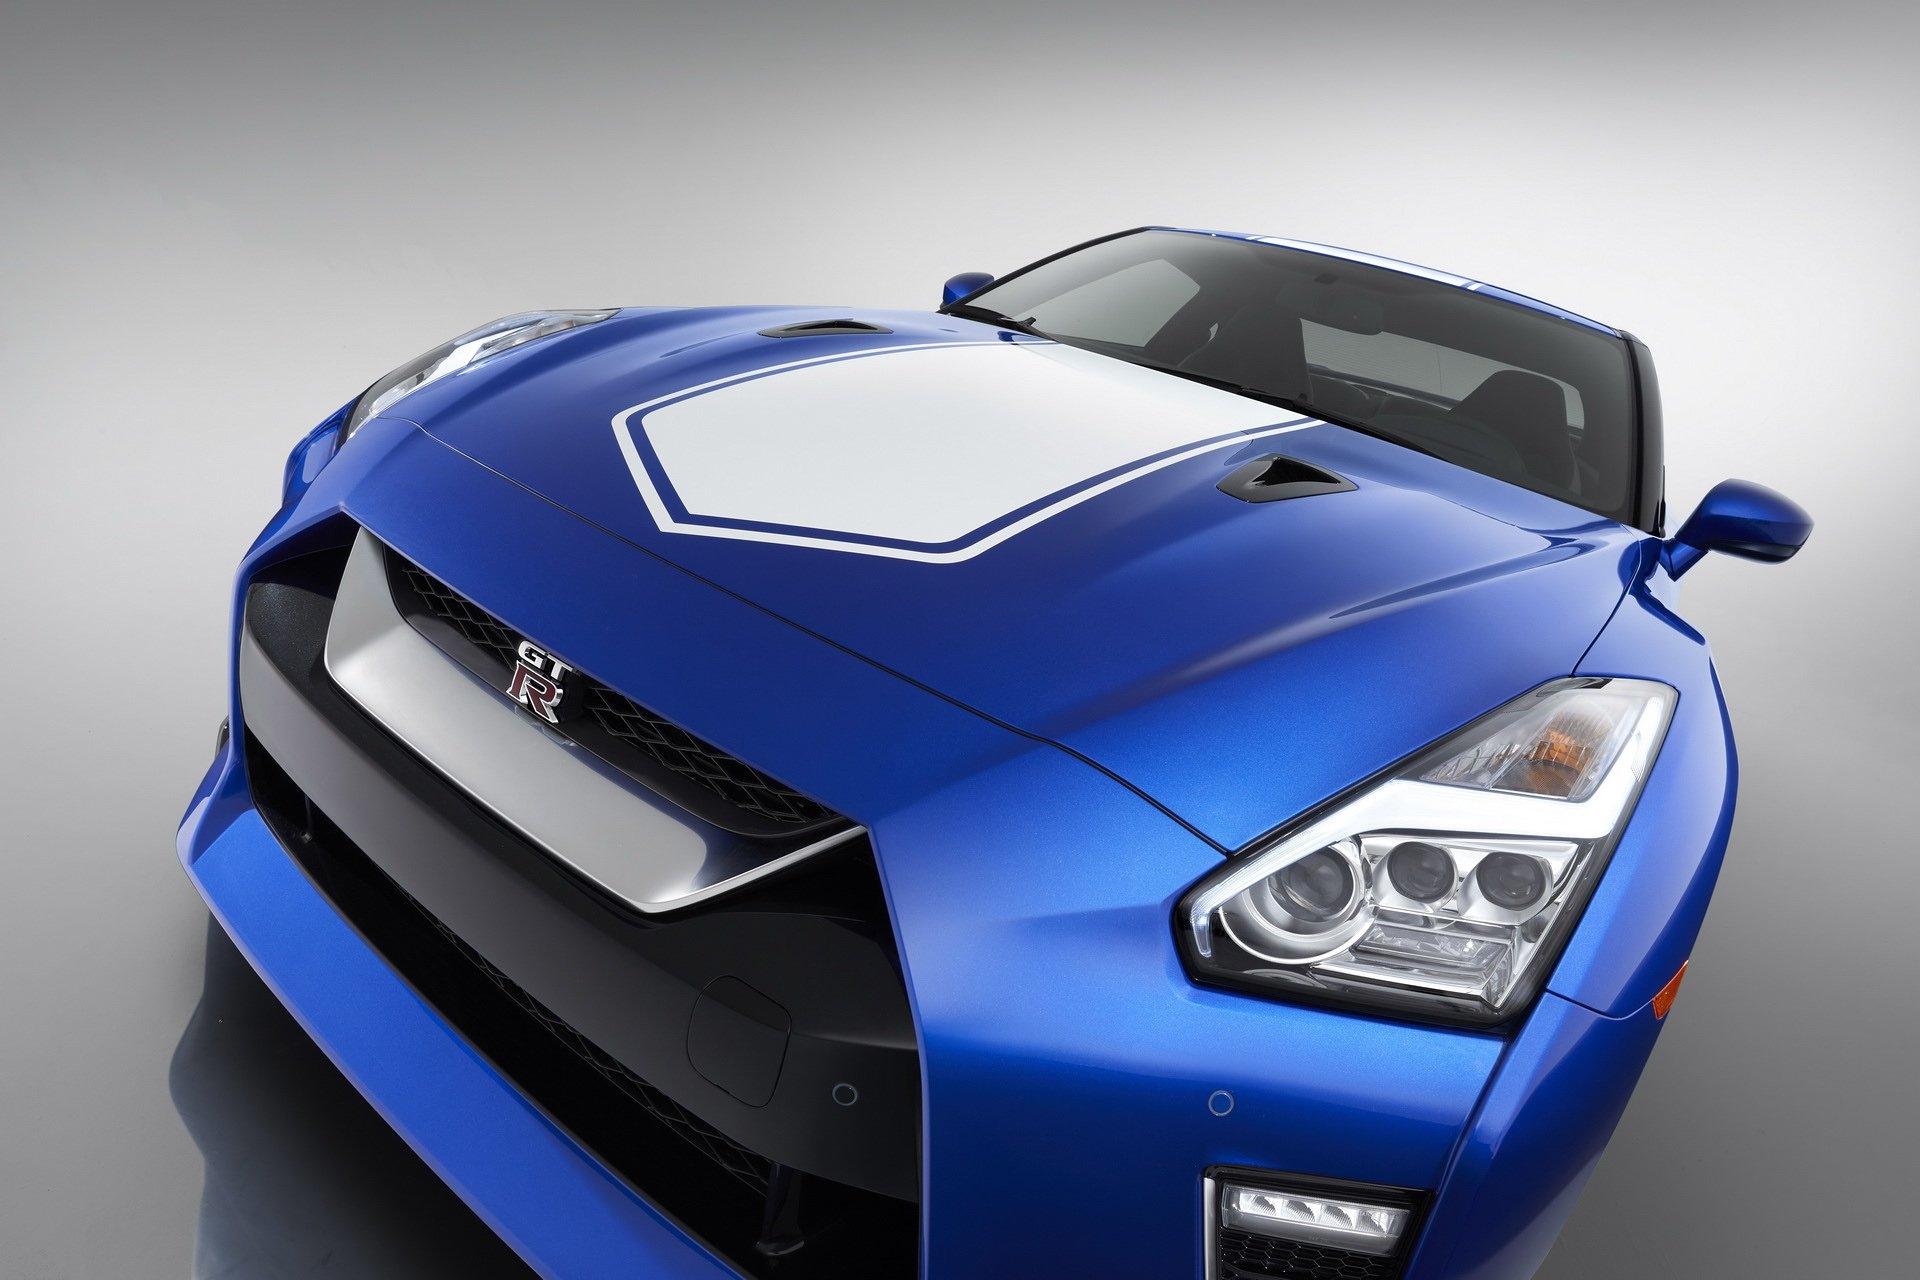 Ảnh chi tiết Nissan GT-R 2020 phiên bản kỷ niệm 50 năm - Hình 3